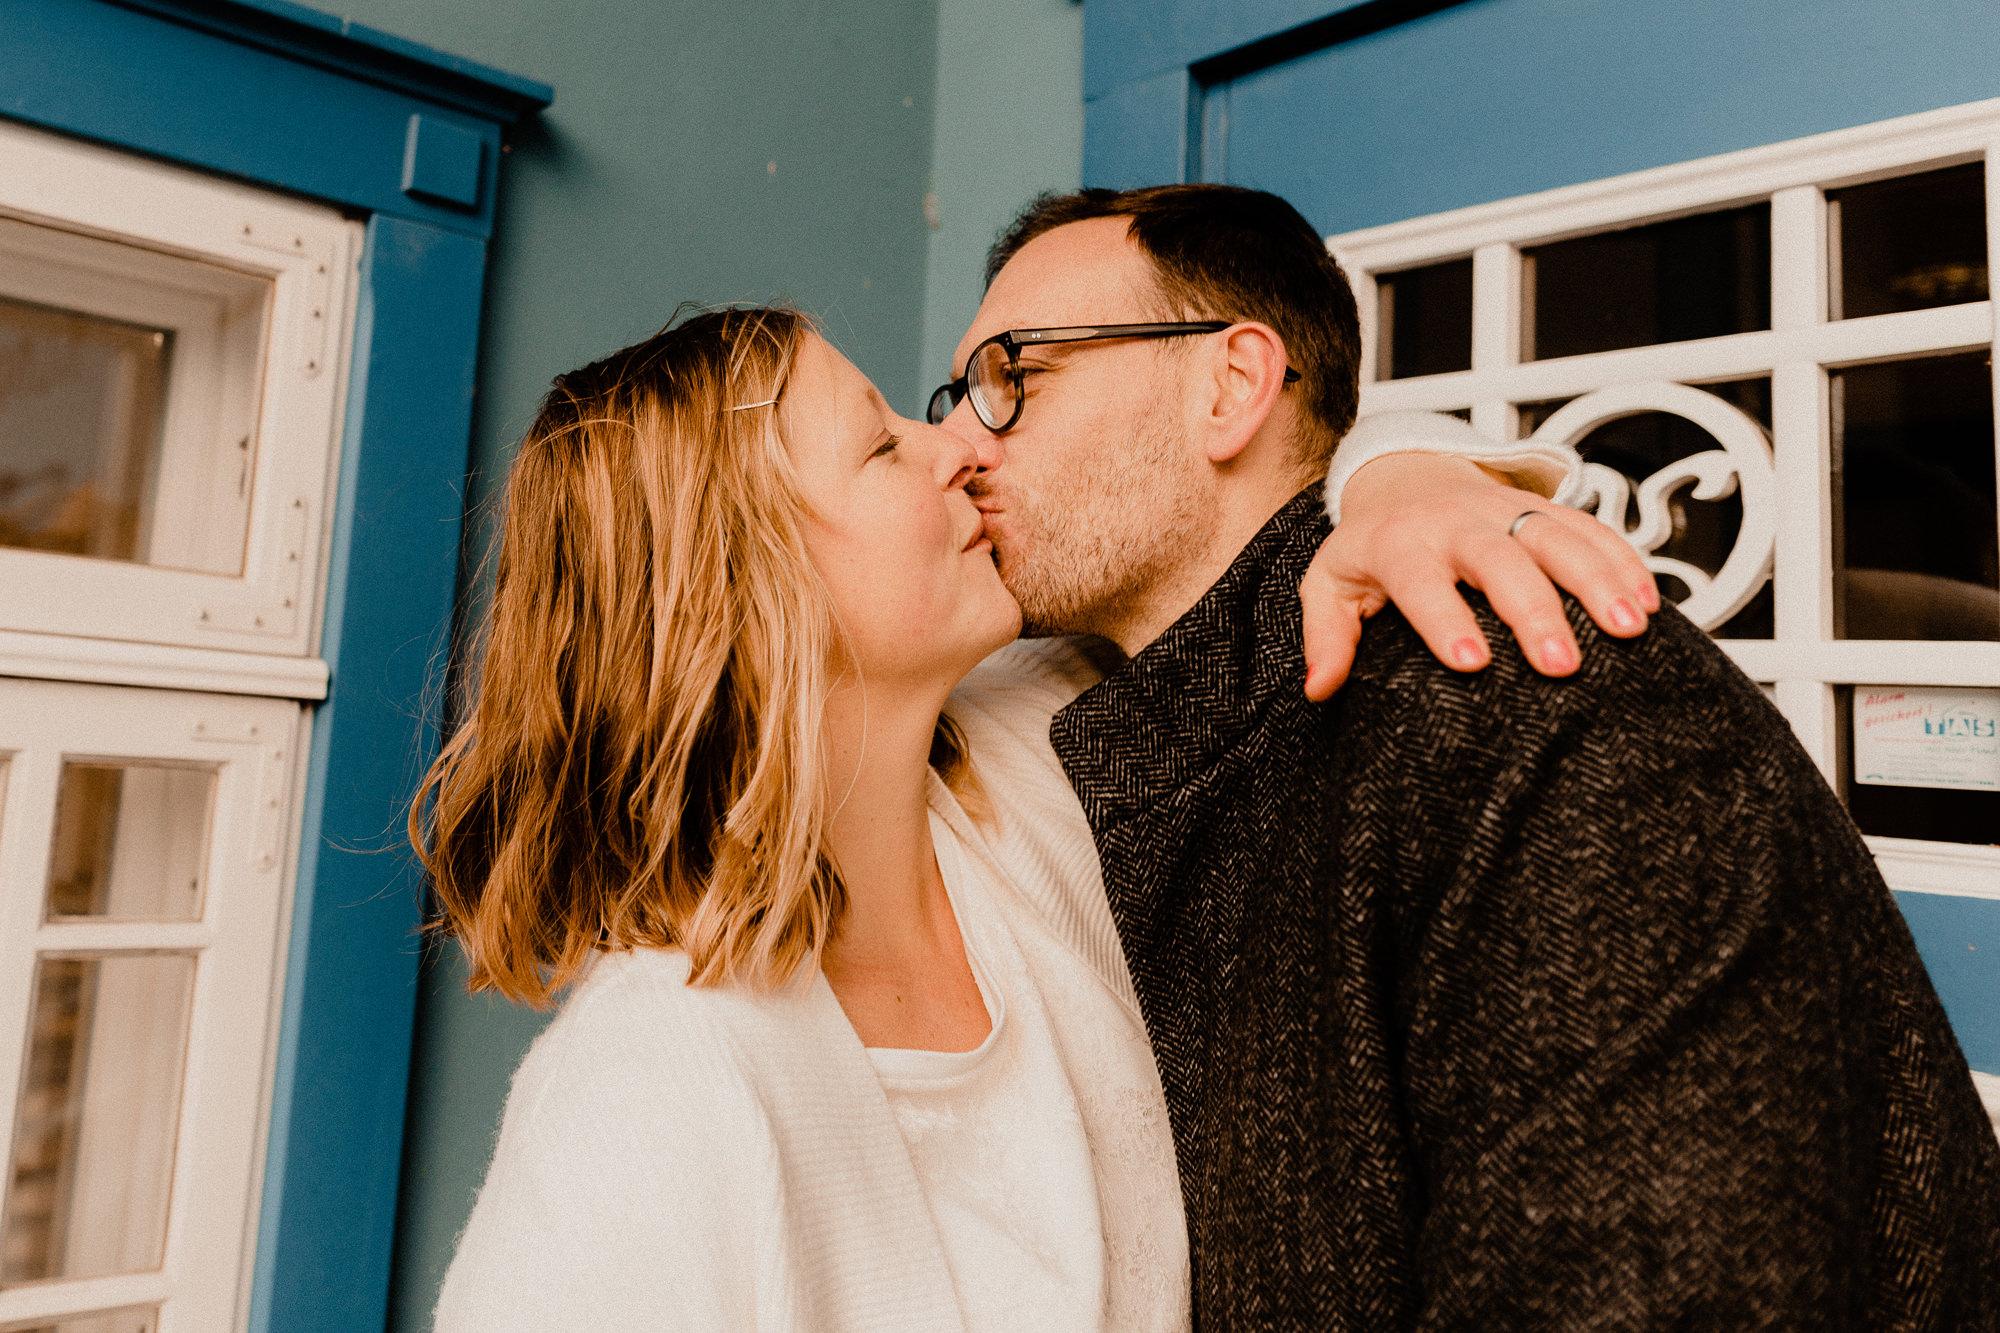 Hochzeitsfotograf Darß - After Wedding Shooting Ahrenshoop - Fotograf Kurhaus Zingst - Hochzeitsshooting Fischland Darß - Hochzeitsfotograf Ostsee